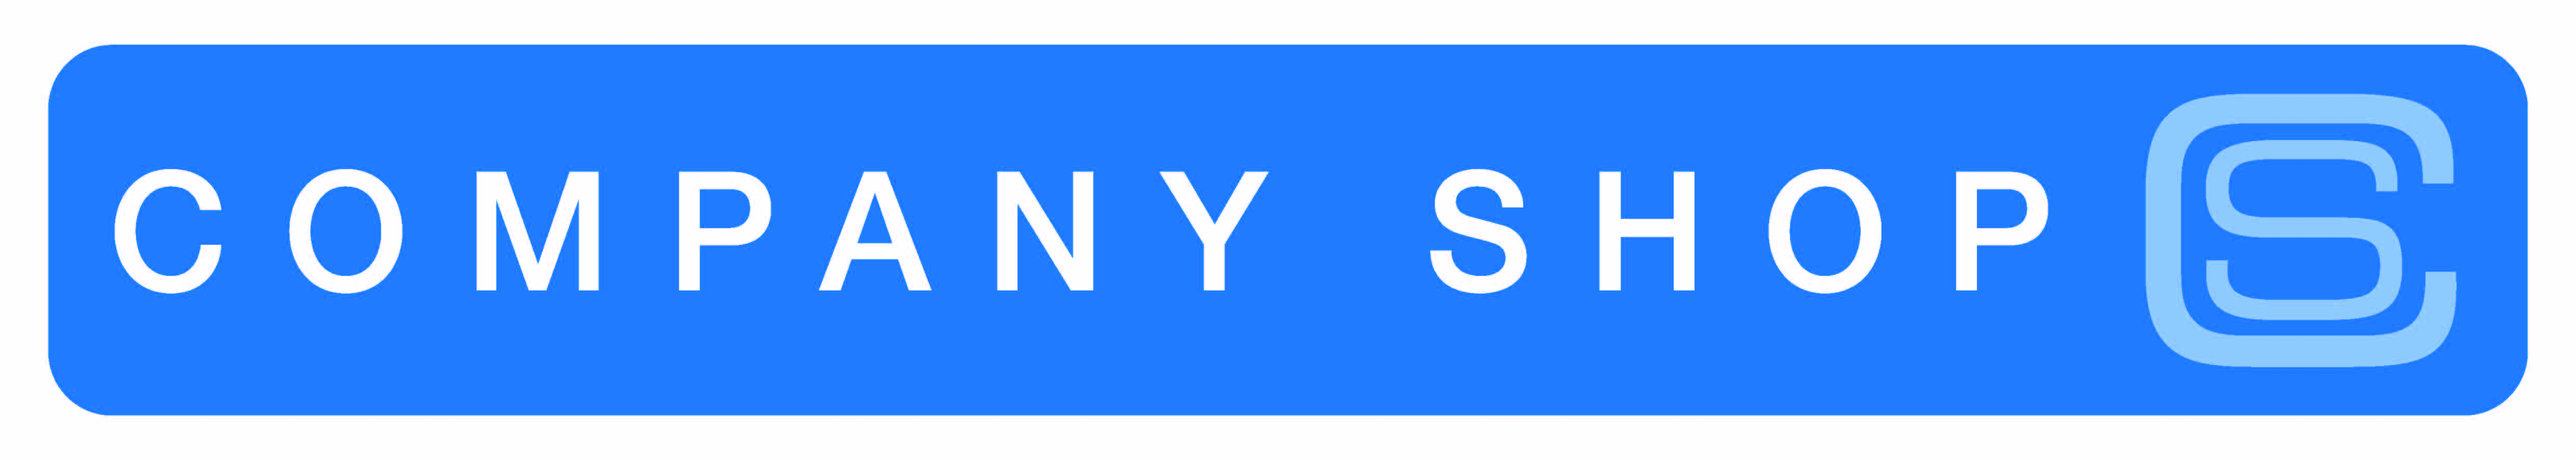 Company Shop logo